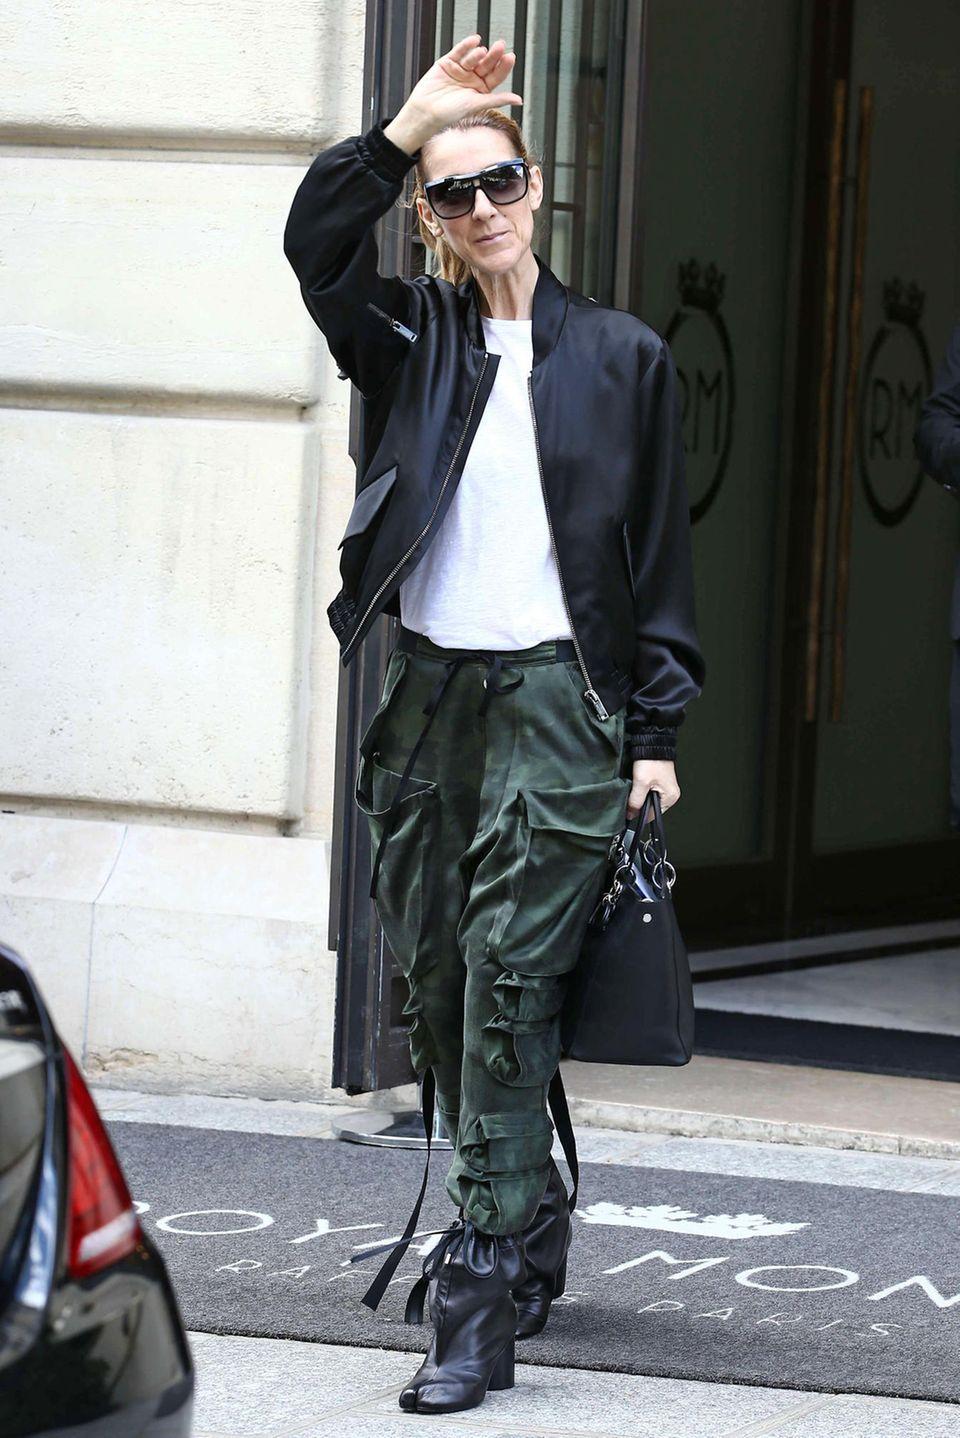 Selbst Cargo-Hose, shirt und Bomberjacke haben bei Celine Dion noch etwas Elegant-Stylisches.